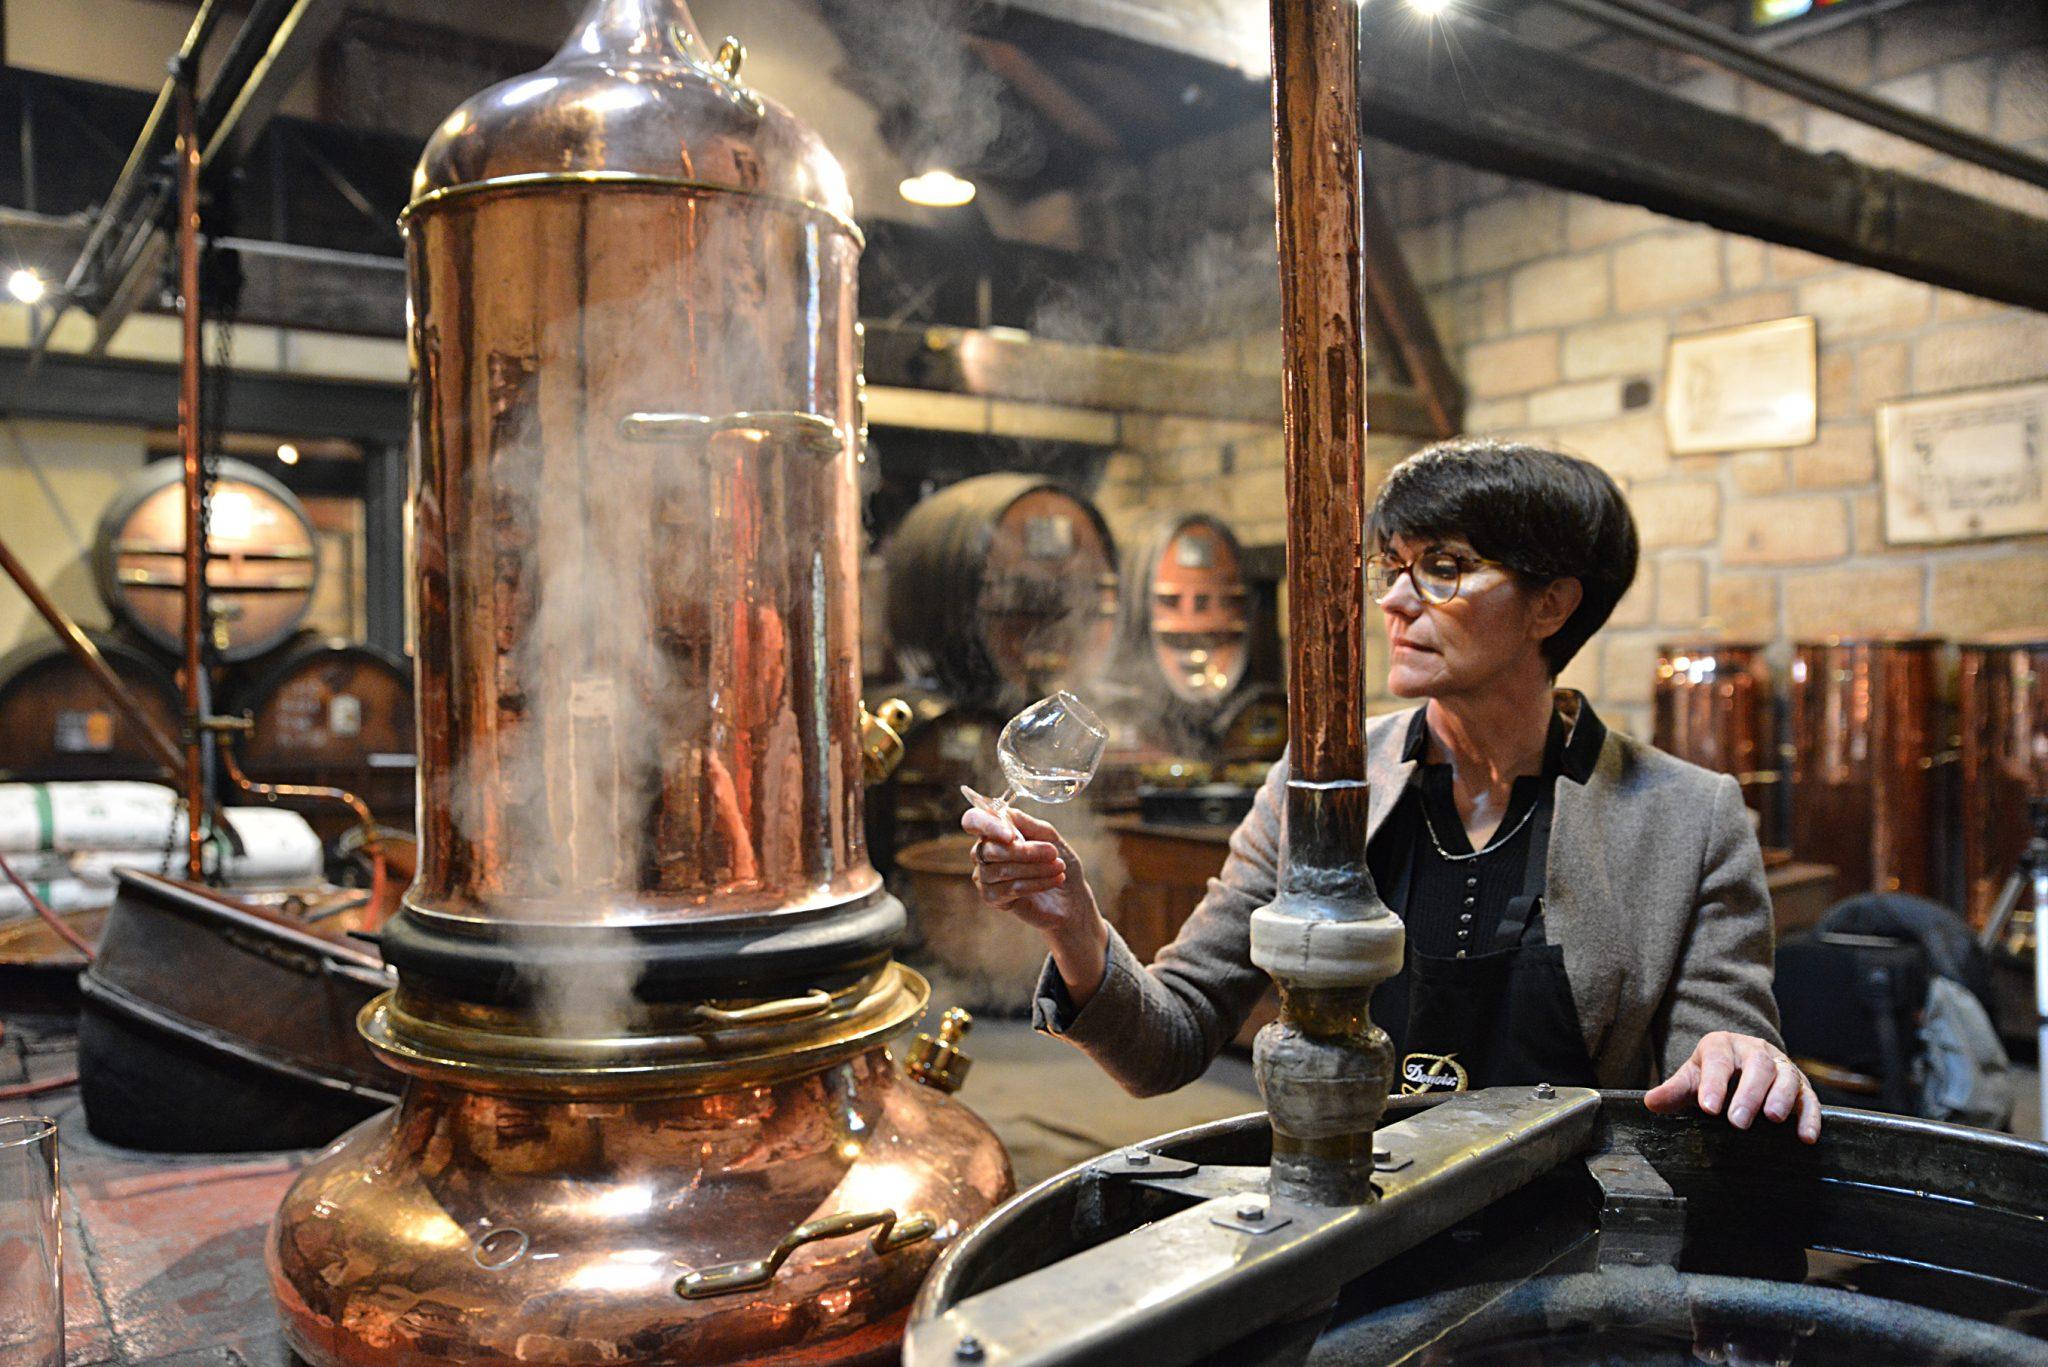 Distillerie Denoix-Brive-alambic 1 _sylvain marchou